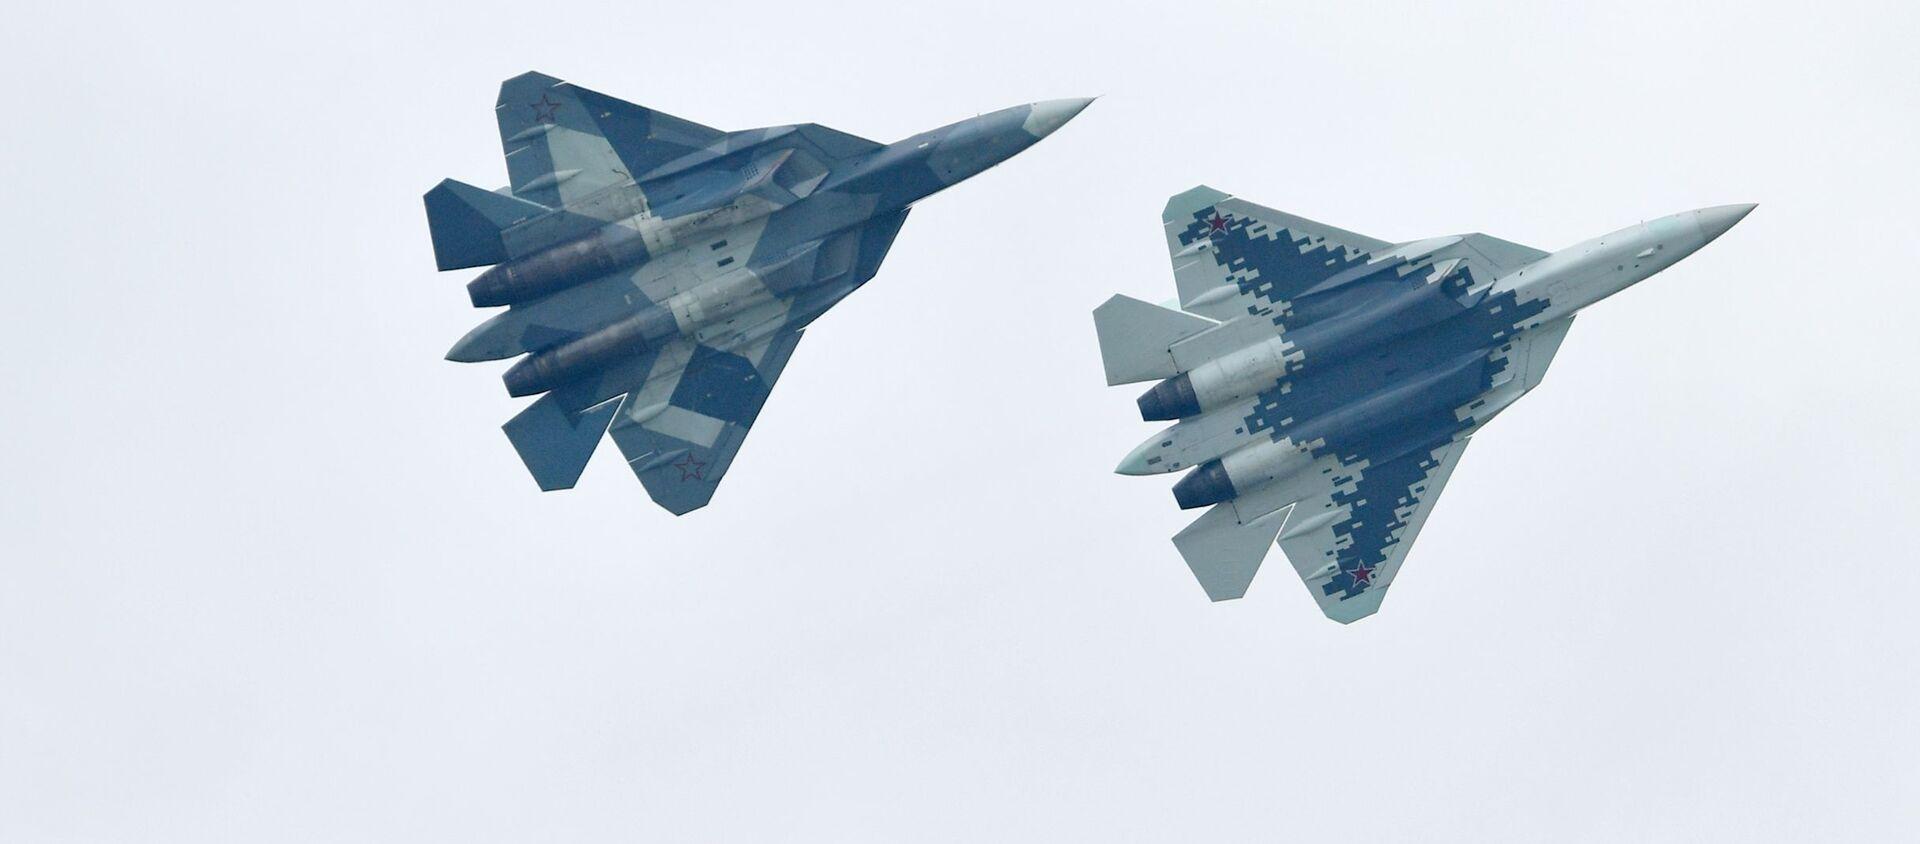 Máy bay chiến đấu đa chức năng Nga thế hệ thứ năm Su-57 thực hiện chuyến bay trình diễn tại Triển lãm Hàng không - Vũ trụ quốc tế MAKS-2019 - Sputnik Việt Nam, 1920, 31.05.2021